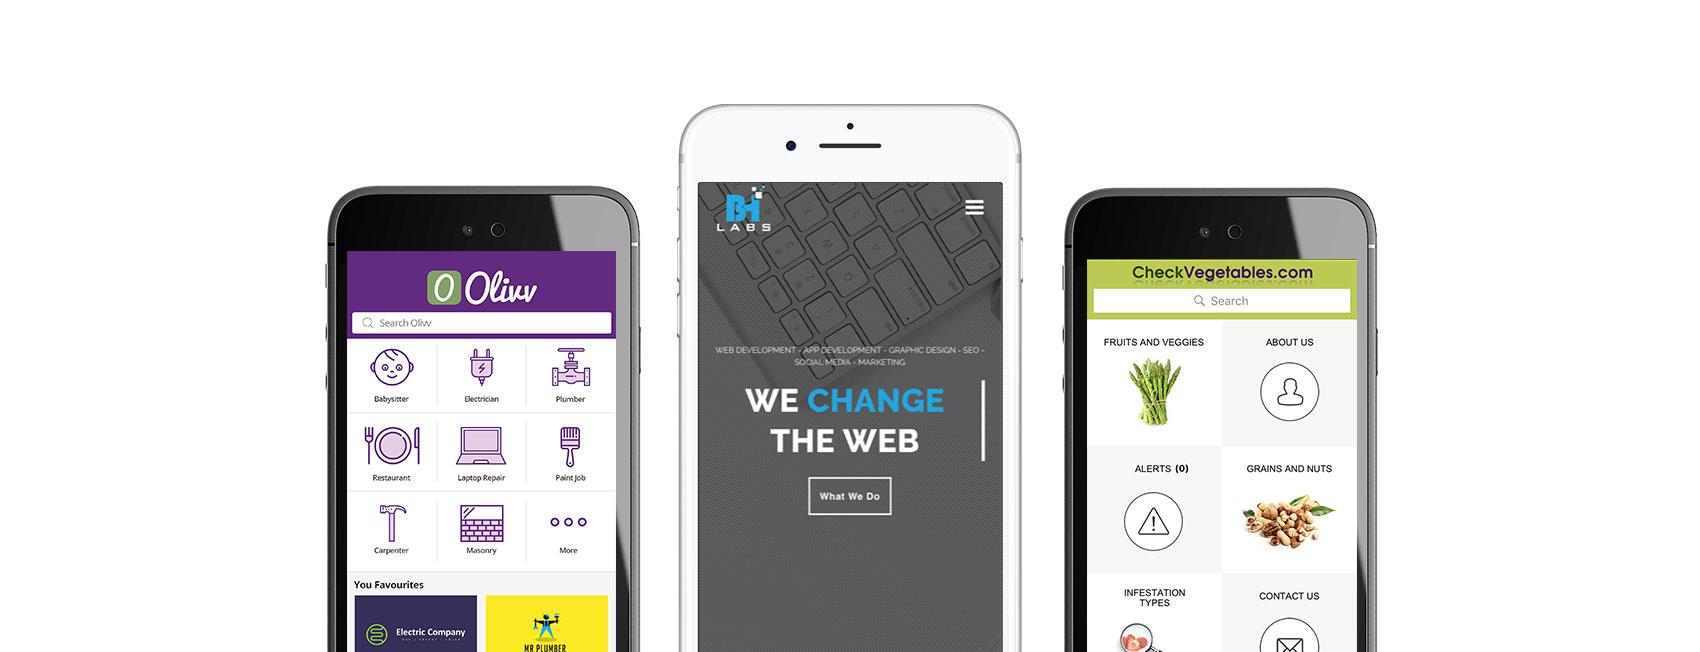 olivv app check vegetables application